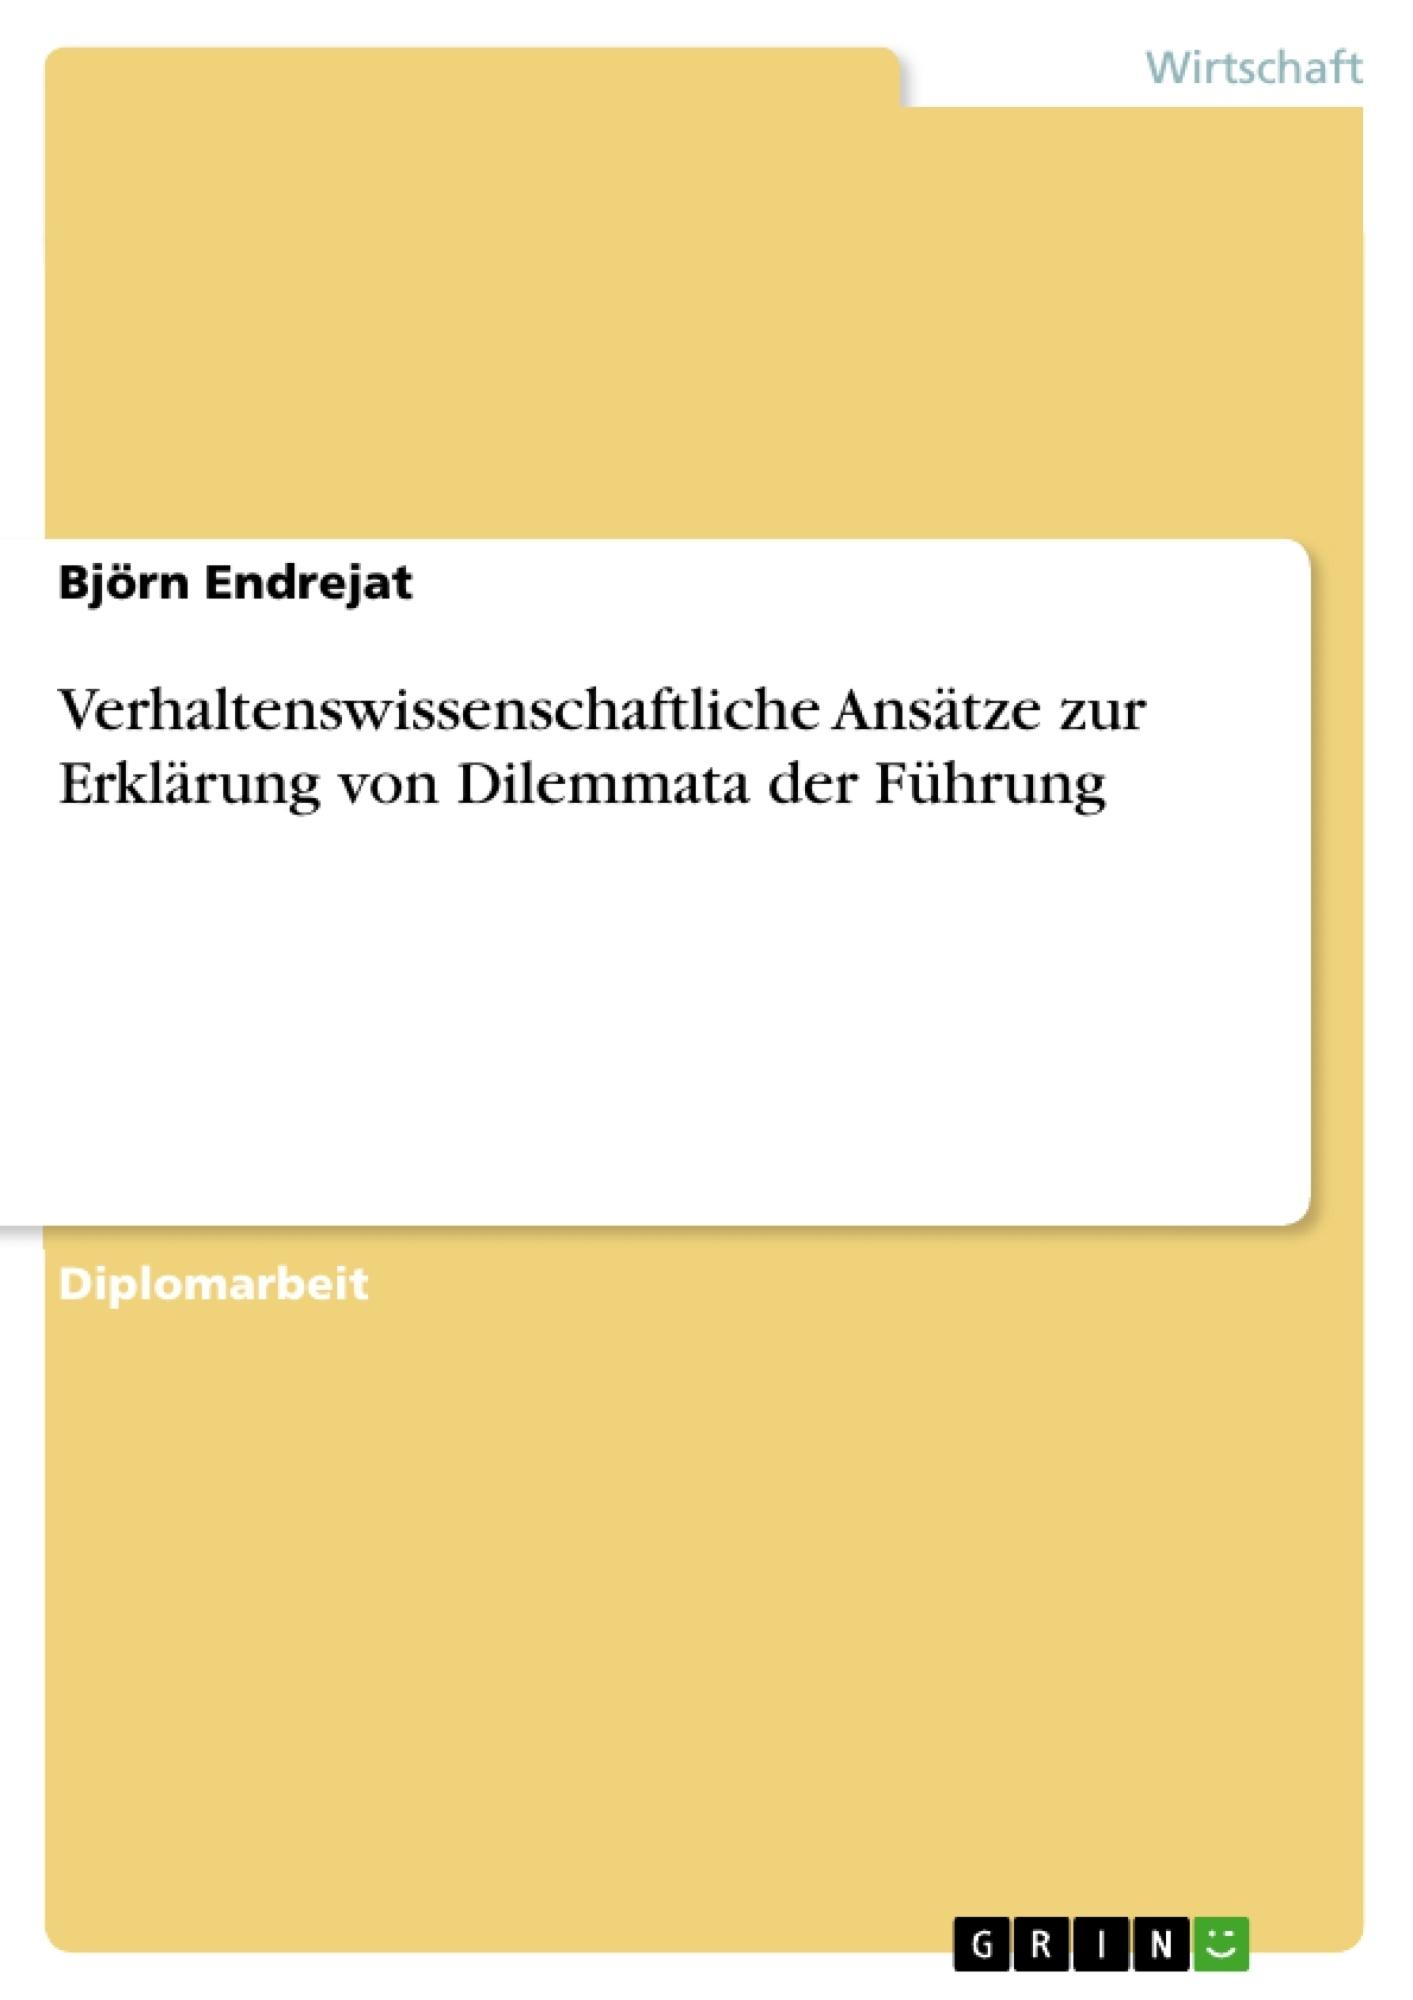 Titel: Verhaltenswissenschaftliche Ansätze zur Erklärung von Dilemmata der Führung